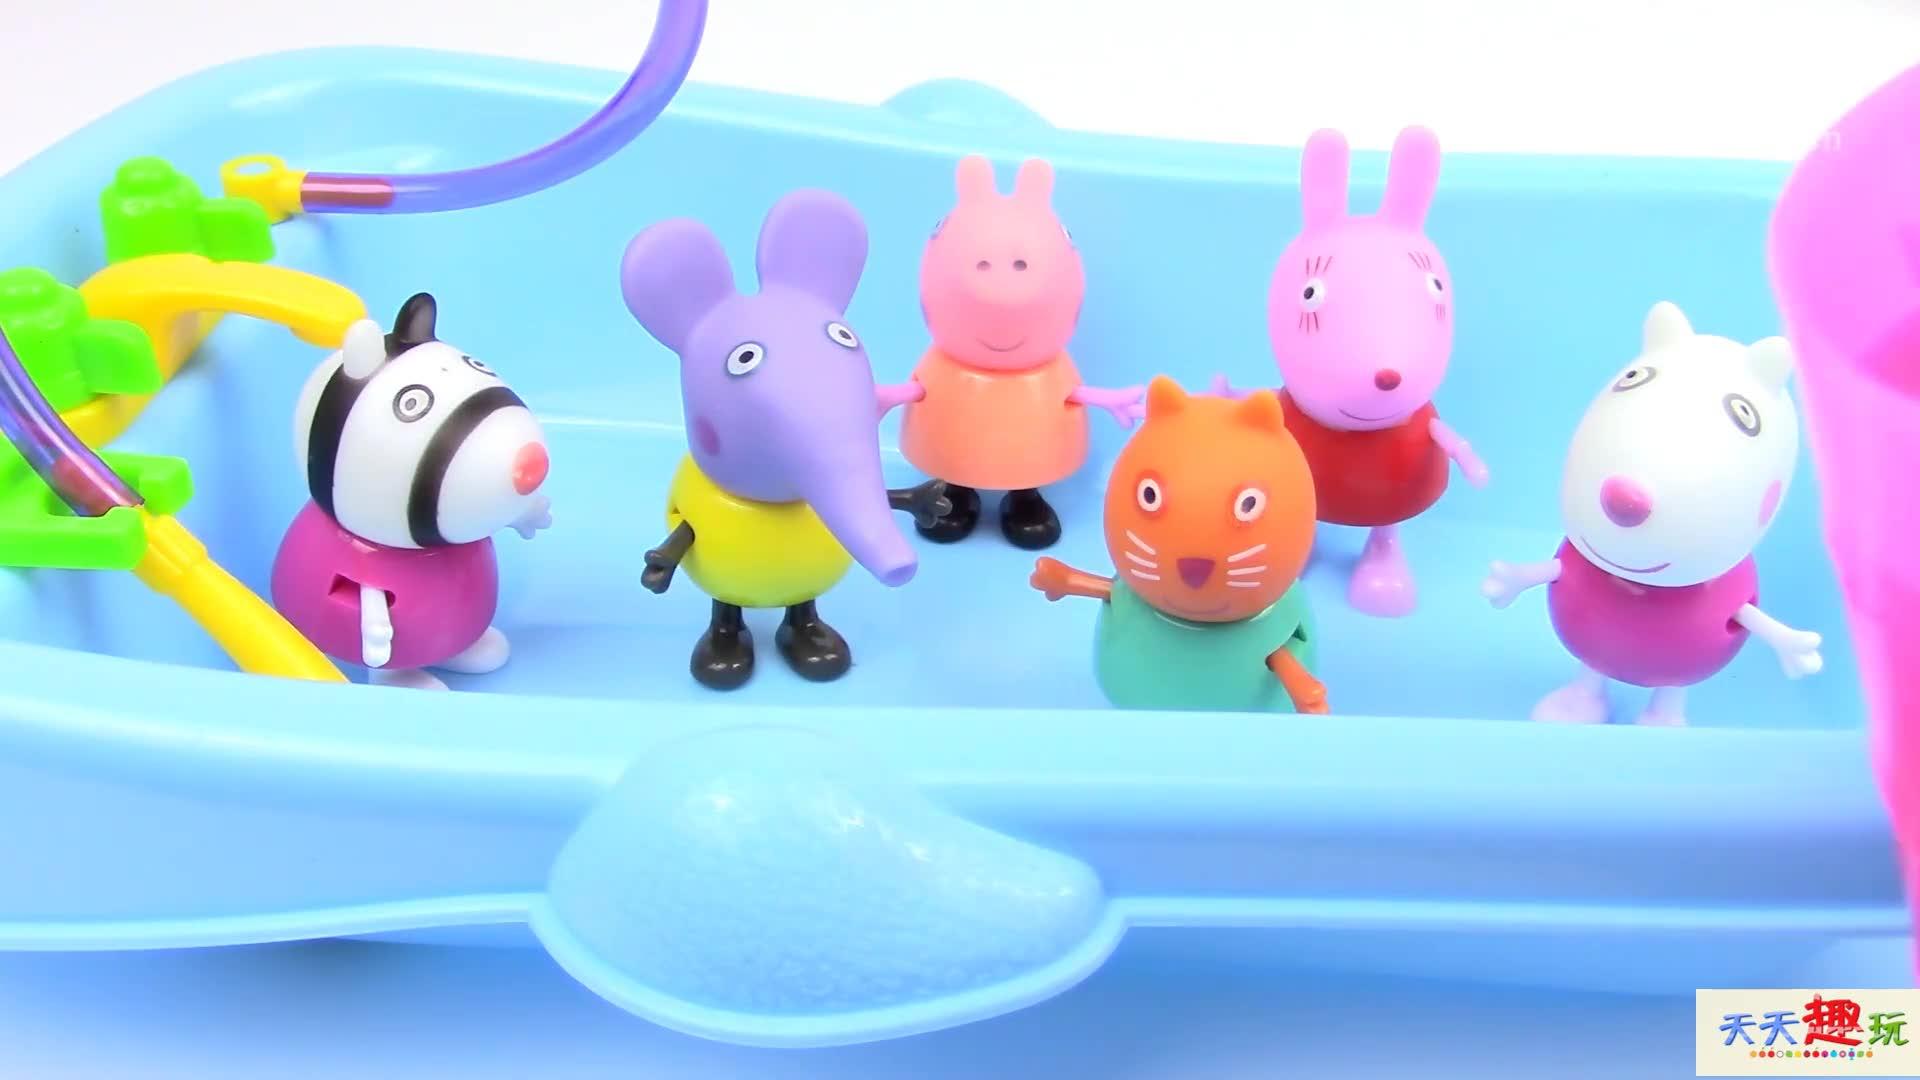 粉红猪小妹佩佩是一只非常可爱的小粉红猪,她与弟弟乔治、爸爸、妈妈快乐地住在一起。粉红猪小妹最喜欢做的事情是玩游戏,打扮的漂漂亮亮,渡假,以及住在小泥坑里快乐的跳上跳下!除了这些,她还喜欢到处探险,虽然有些时候会遇到一些小状况,但总可以化险为夷,而且都会带给大家意外.